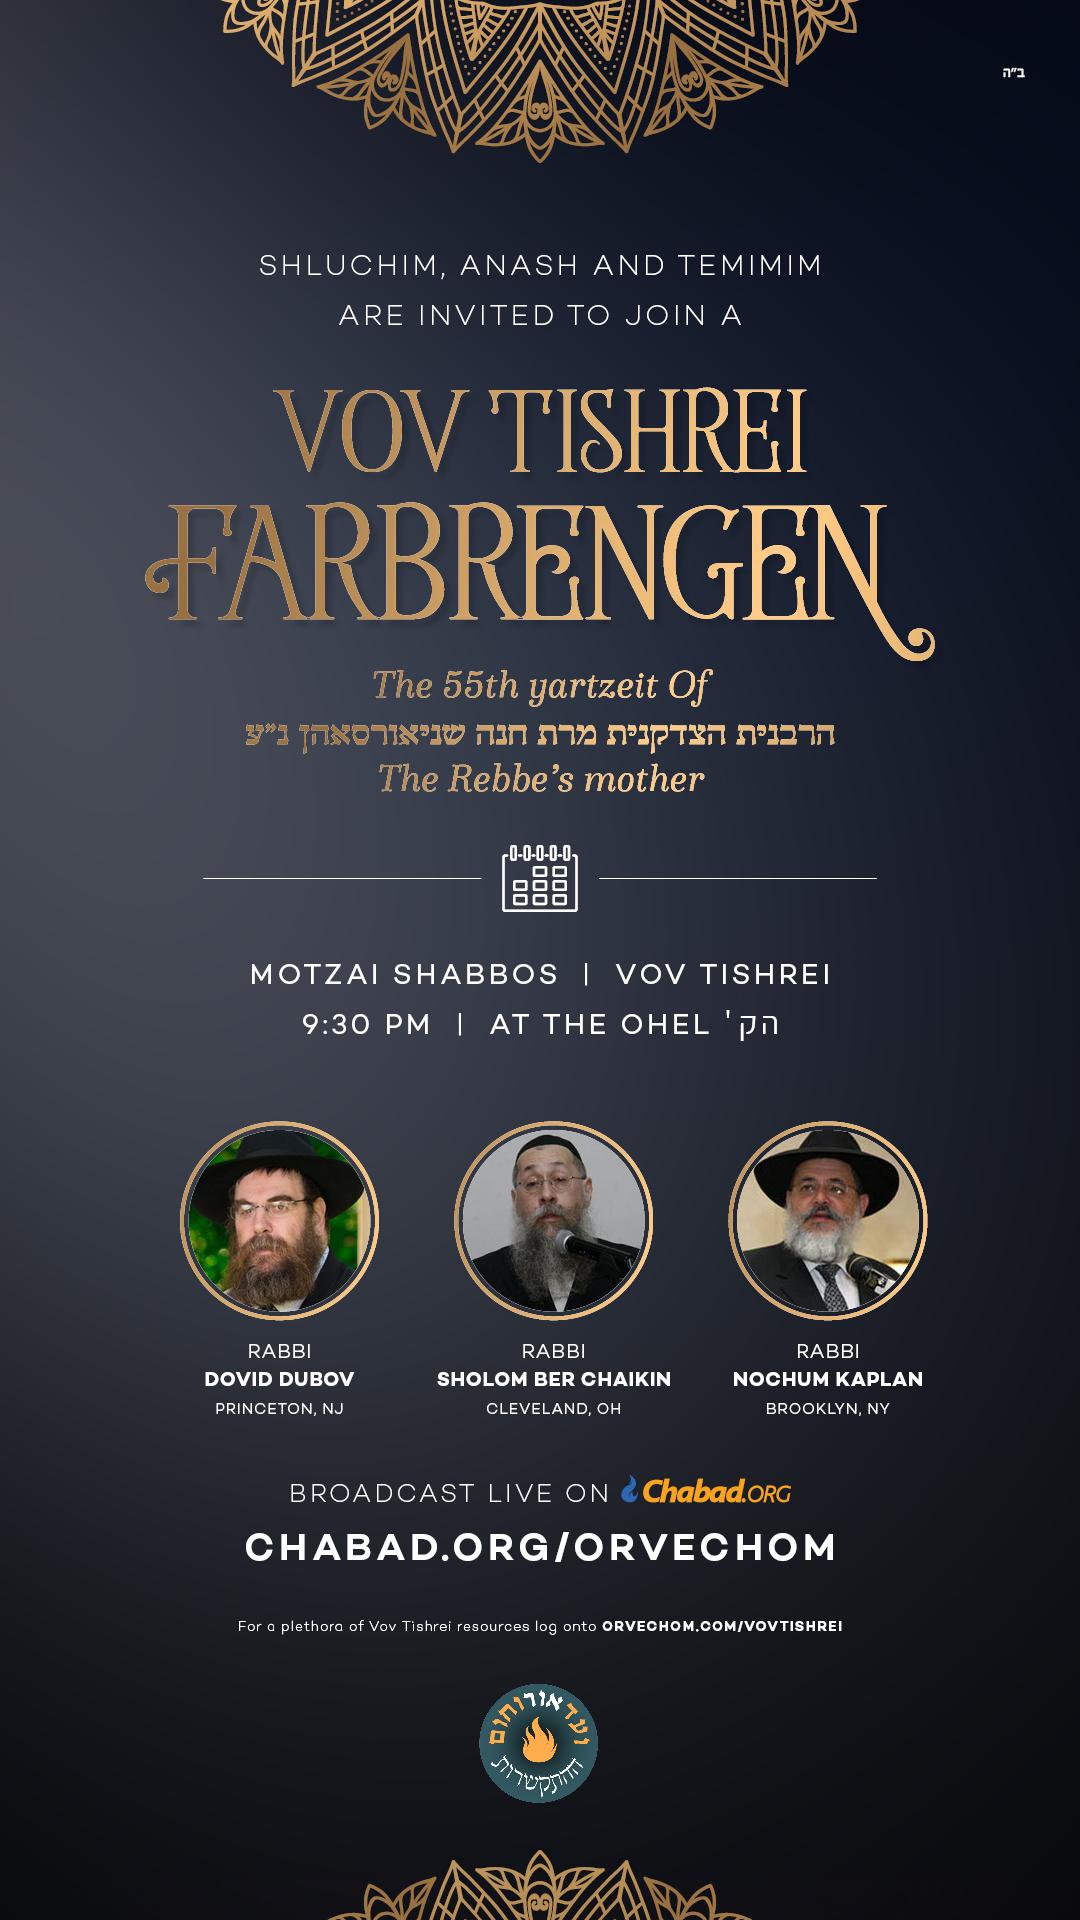 Vov Tishrei Farbrangen At the Ohel.jpg